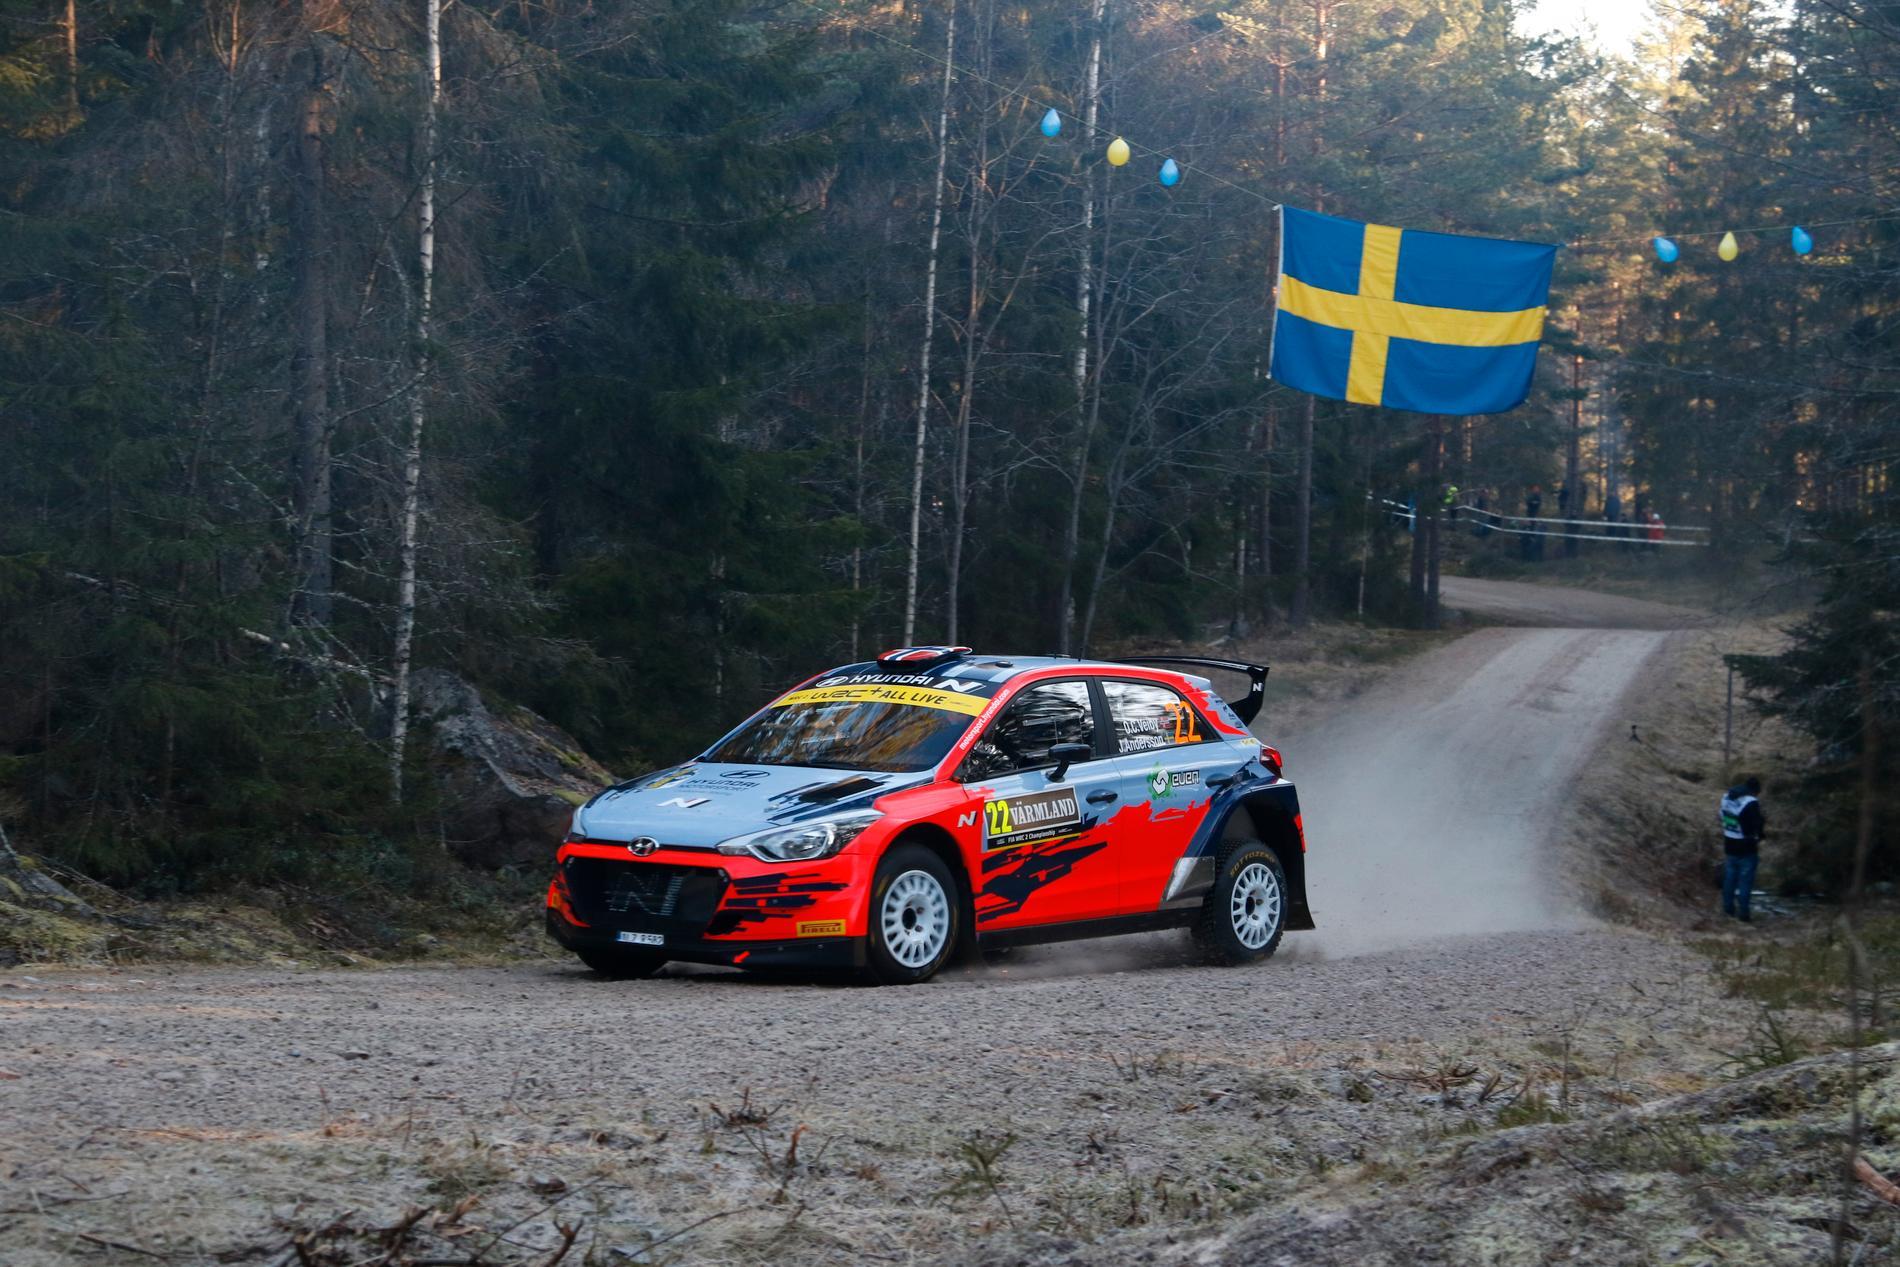 SM-rally-deltävlingen i Hässleholm körs inför publik. Arkivbild.